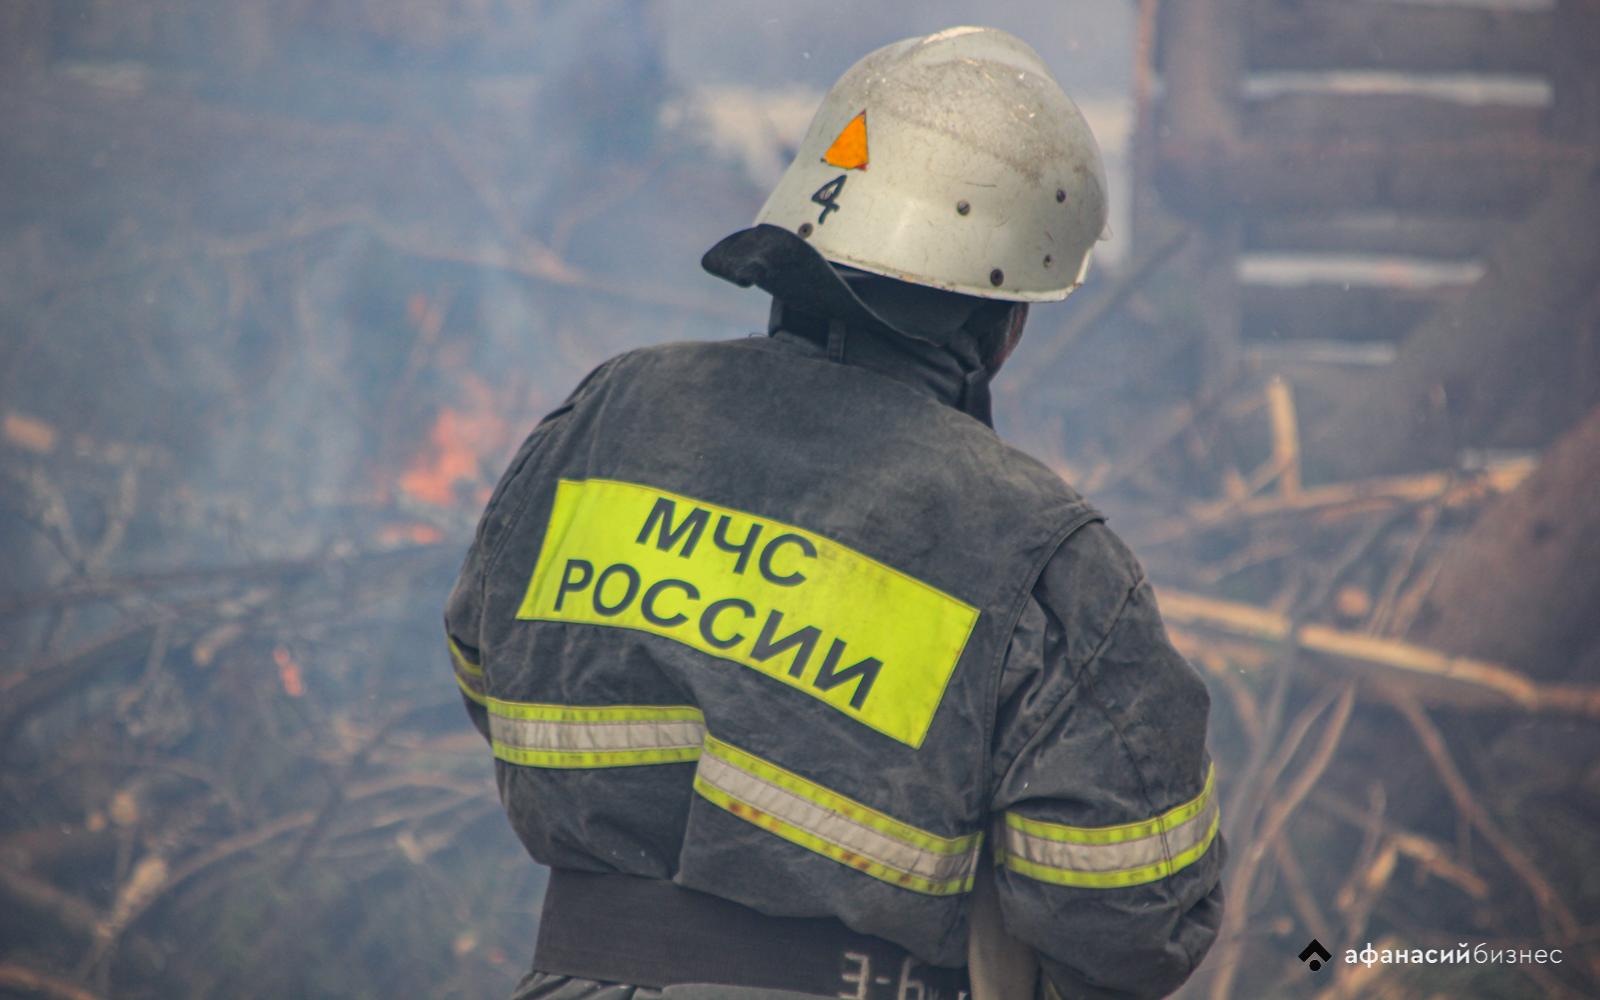 В Тверской области из-за пожара в бане едва не сгорел дом - новости Афанасий